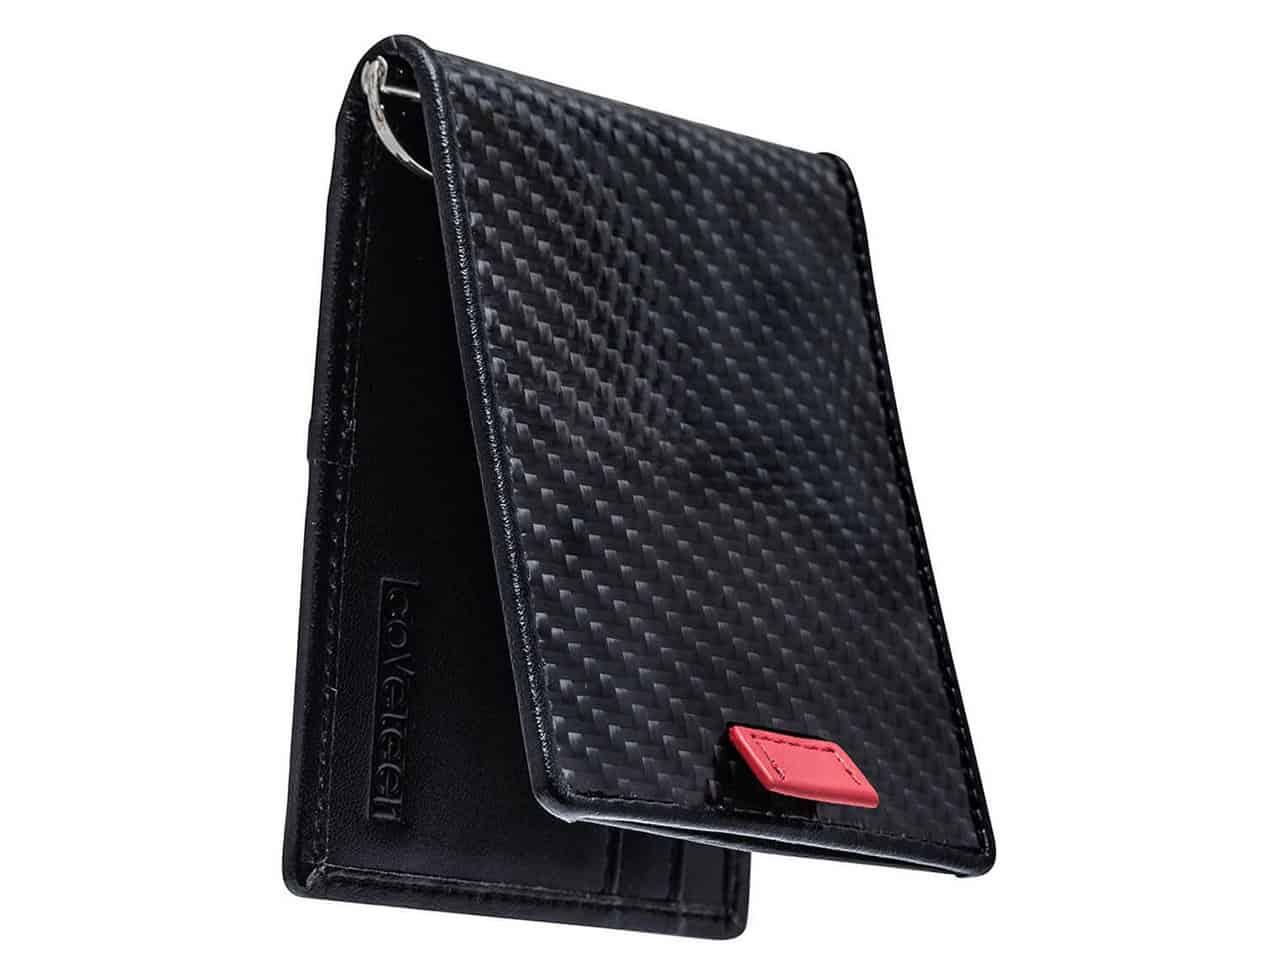 Coveteer Premium Carbon Fiber Bi-Fold Wallet